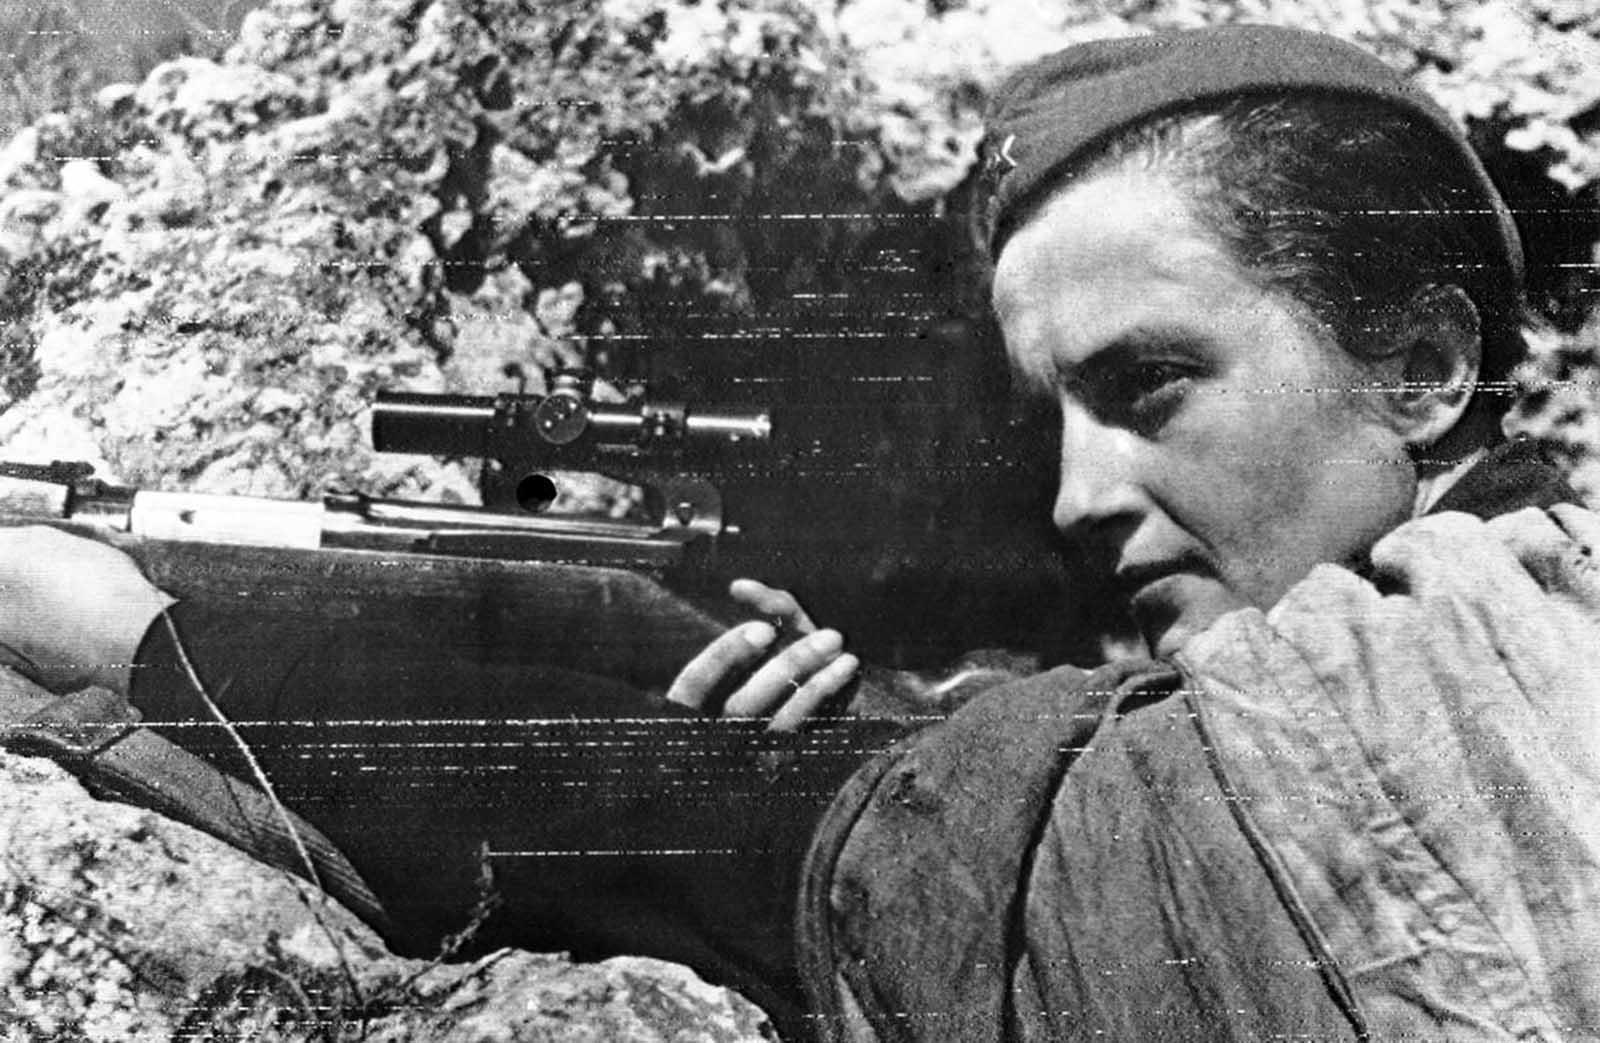 Simbólico de la defensa de Sebastopol, Crimea, es esta niña rusa francotiradora, Lyudmila Pavlichenko, quien, al final de la guerra, había matado a 309 alemanes confirmados, la mujer francotiradora más exitosa de la historia.